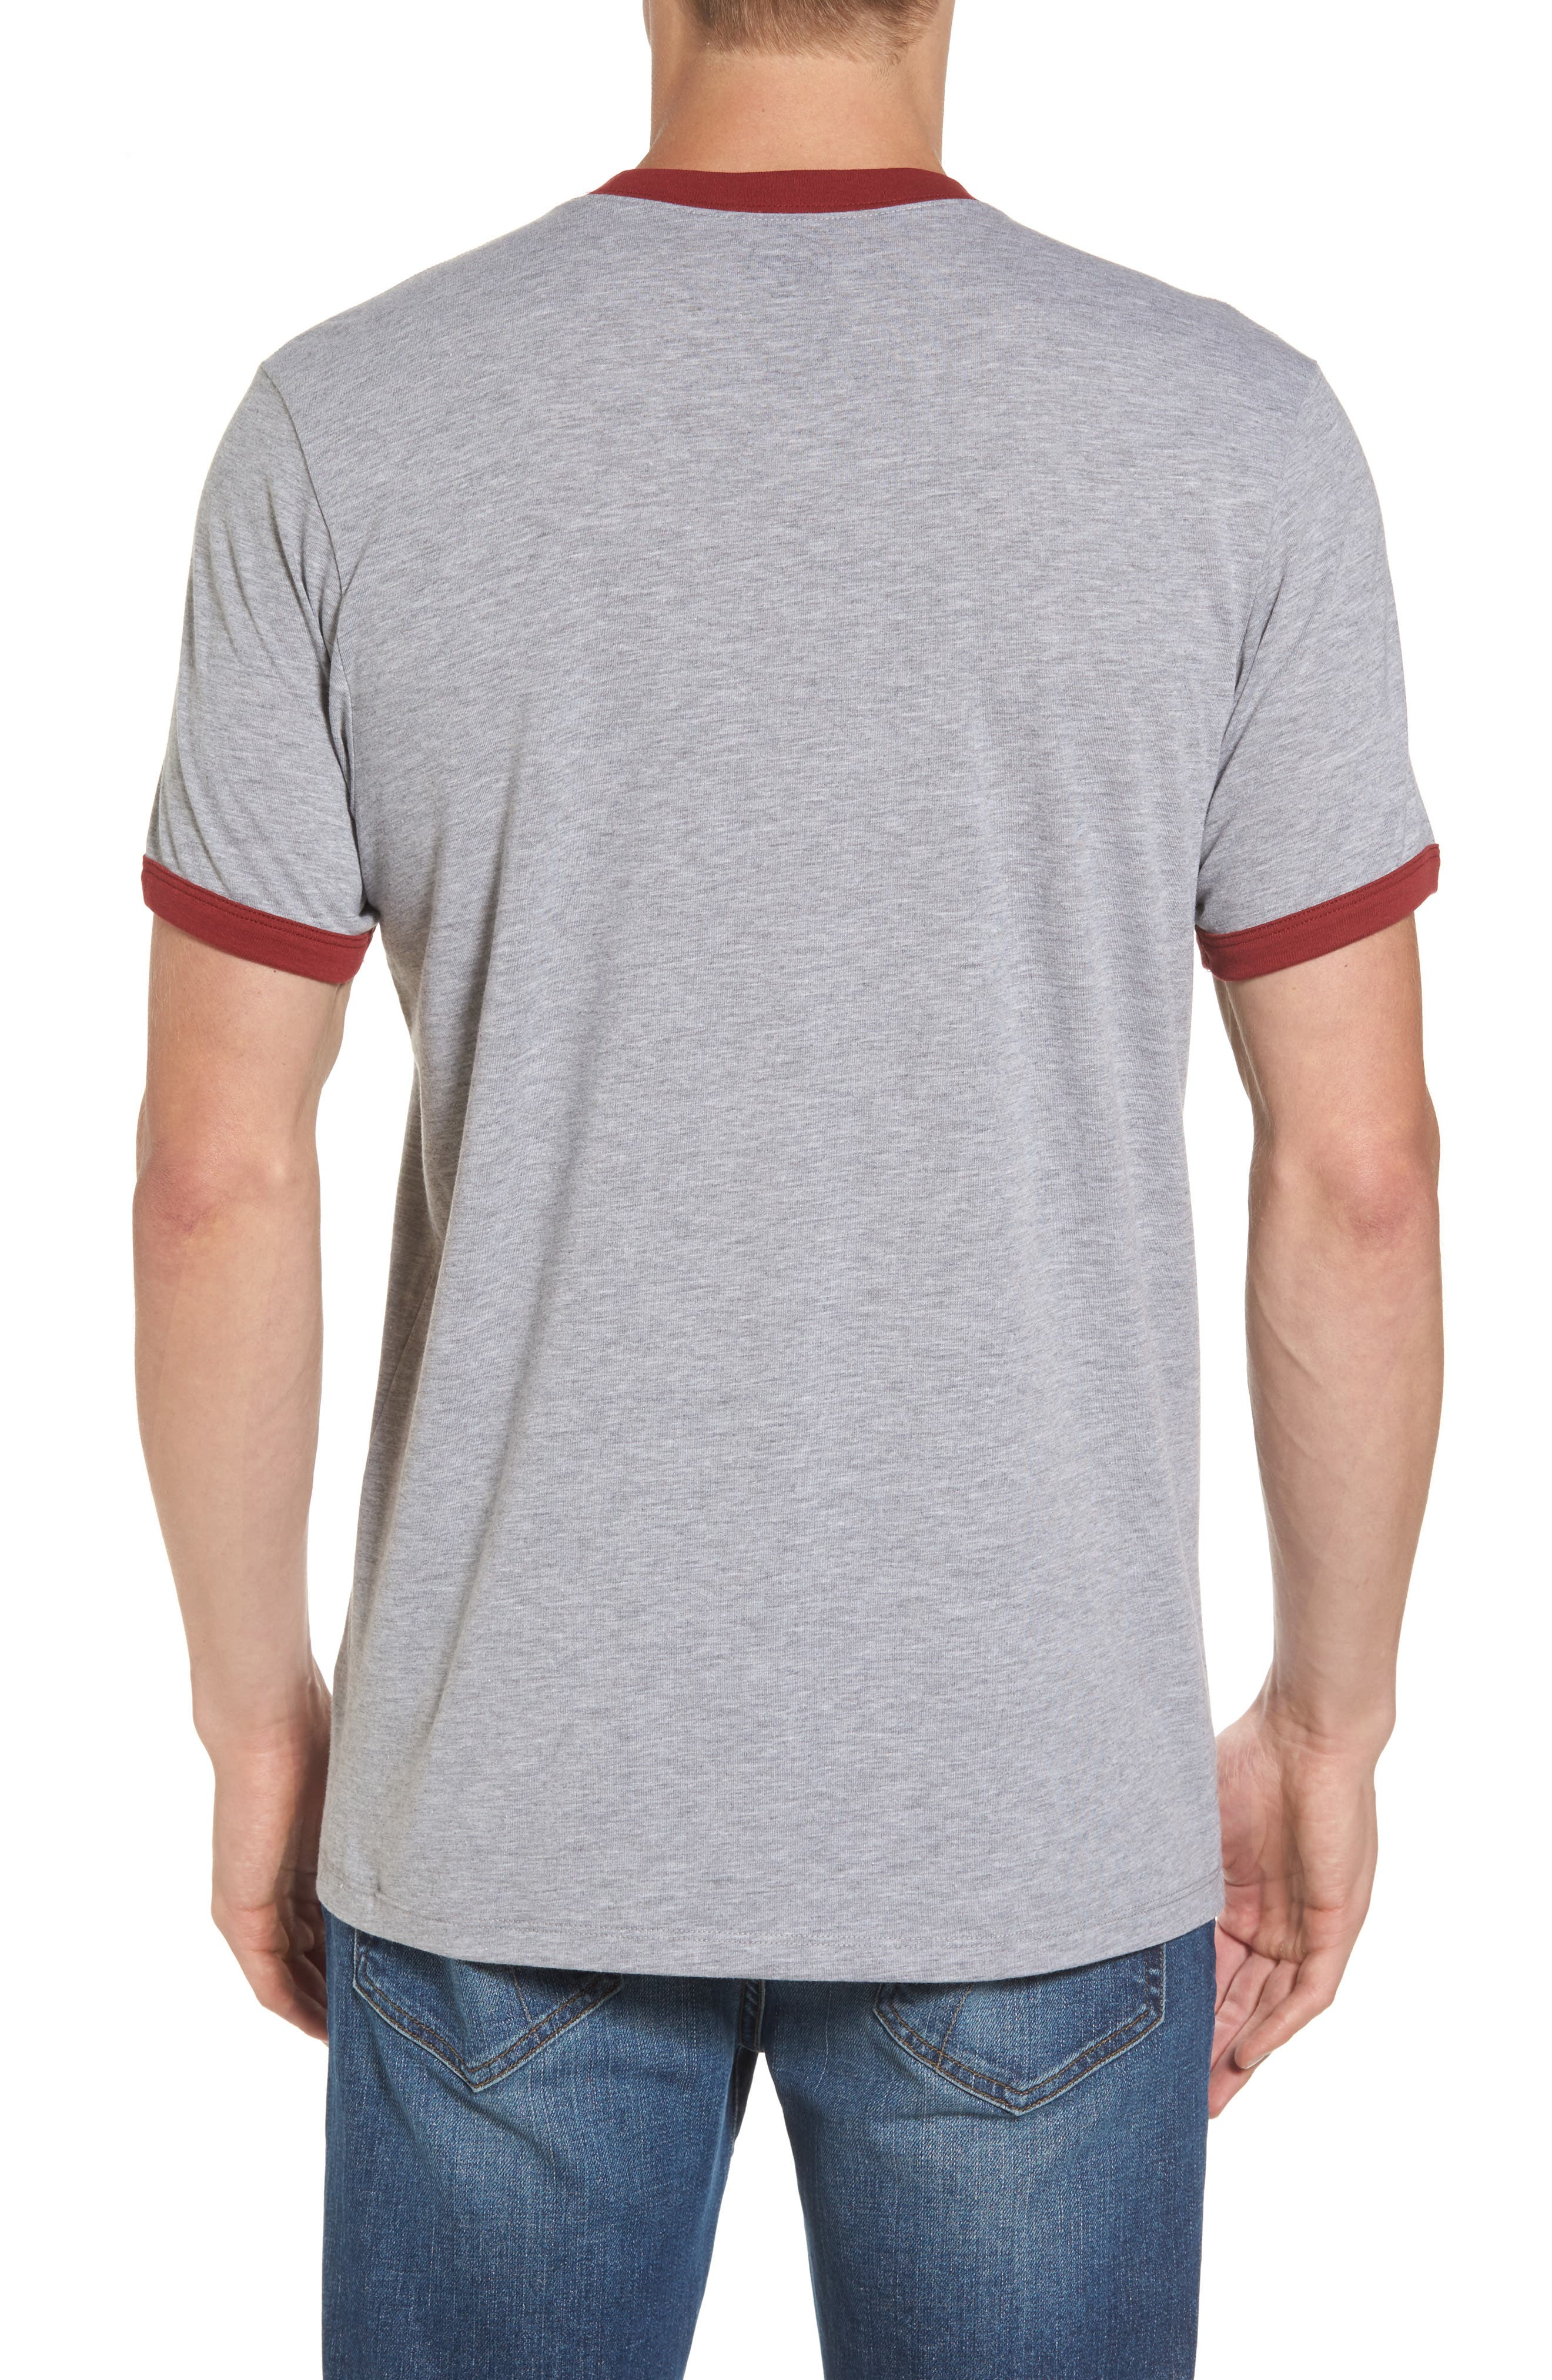 Washington State University Cougars Ringer T-Shirt,                             Alternate thumbnail 2, color,                             020